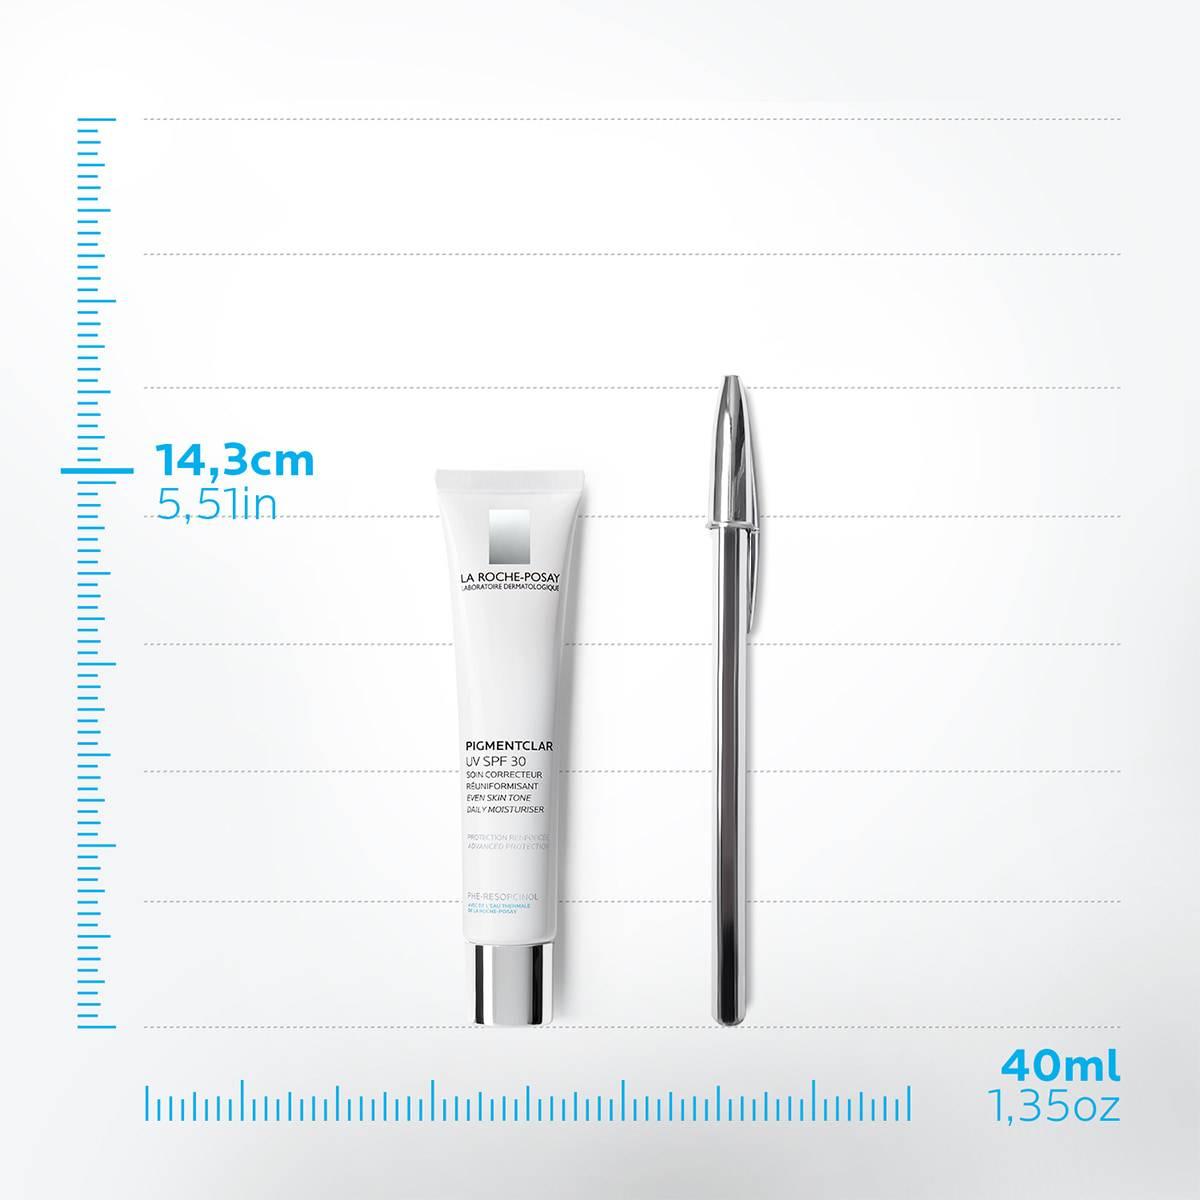 La Roche Posay Tuotesivu Ikääntymisen ehkäisy Pigmentclar UV Spf30 Moisturiser